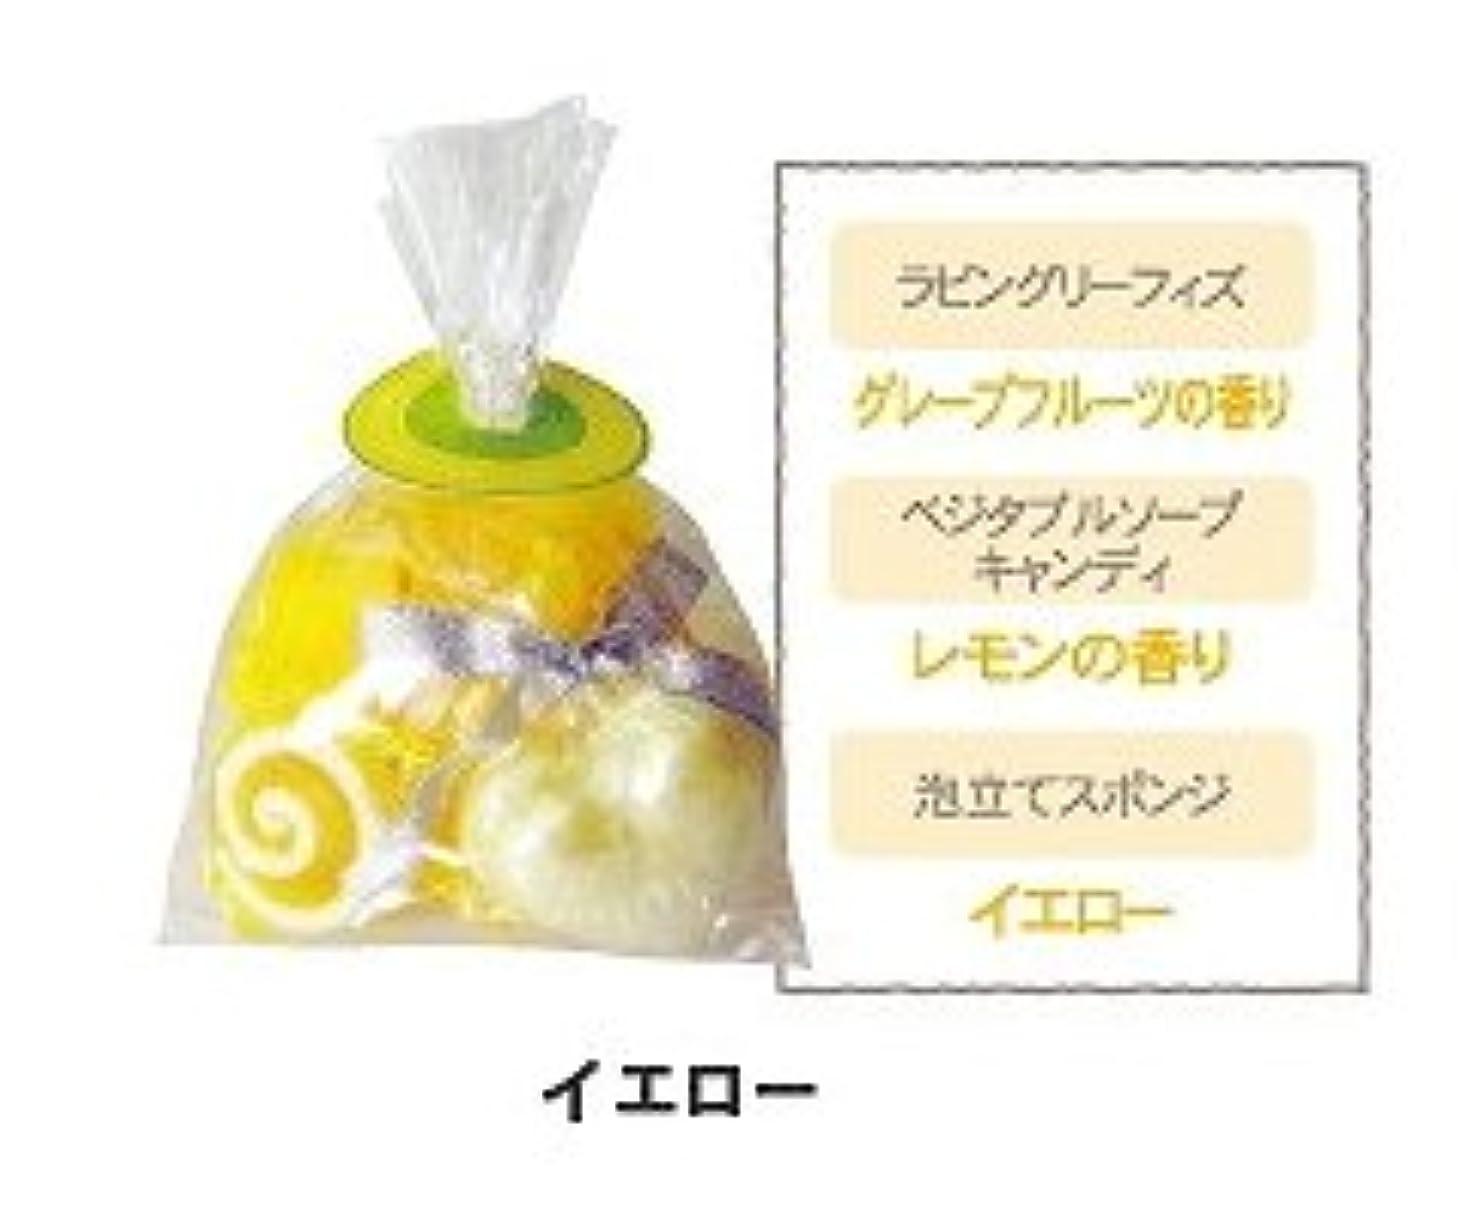 誤って蒸発する統治可能カラフルキャンディ バスバッグ イエロー 12個セット